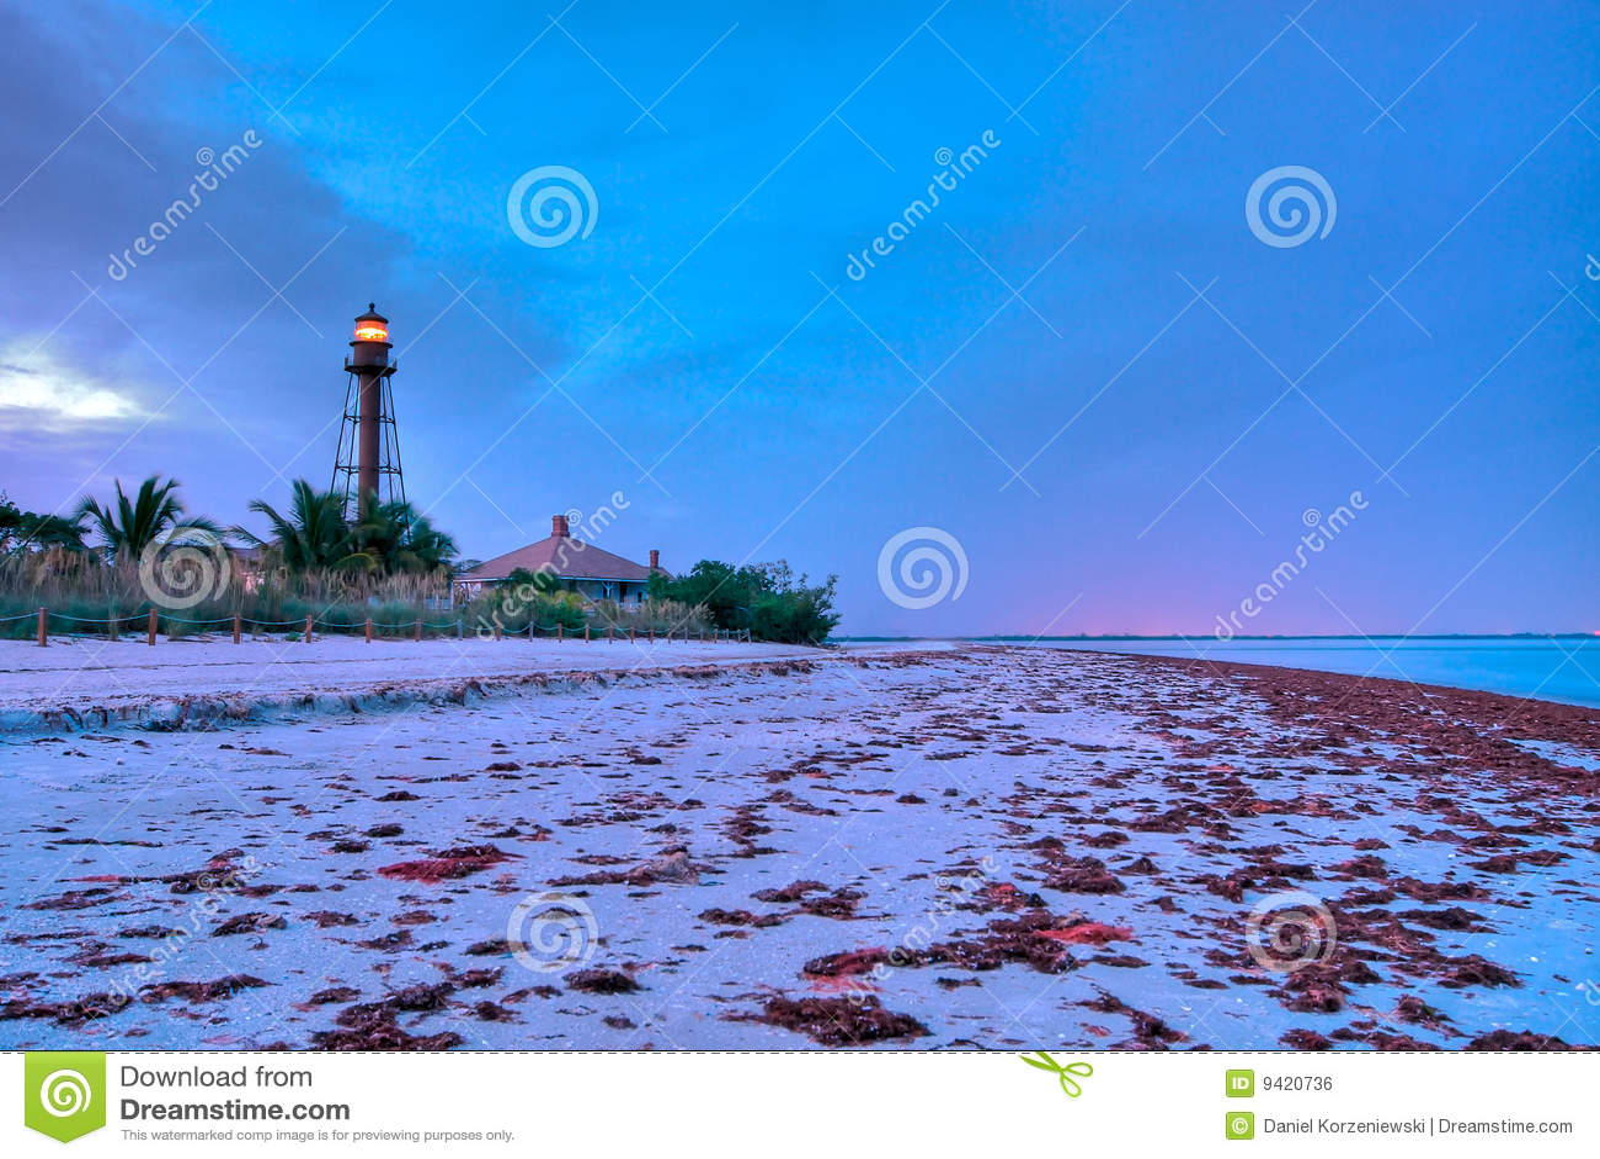 Lighthouse point at dusk